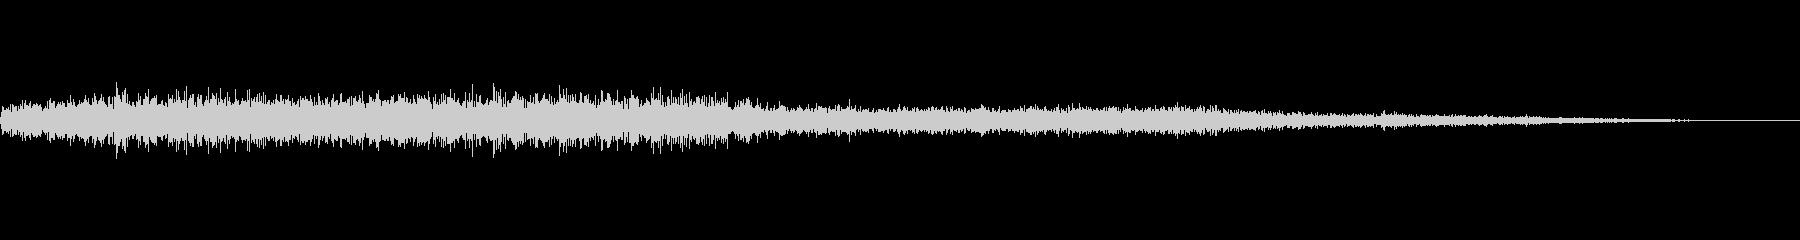 ギシギシ、キーン…田舎電車の車内音の未再生の波形